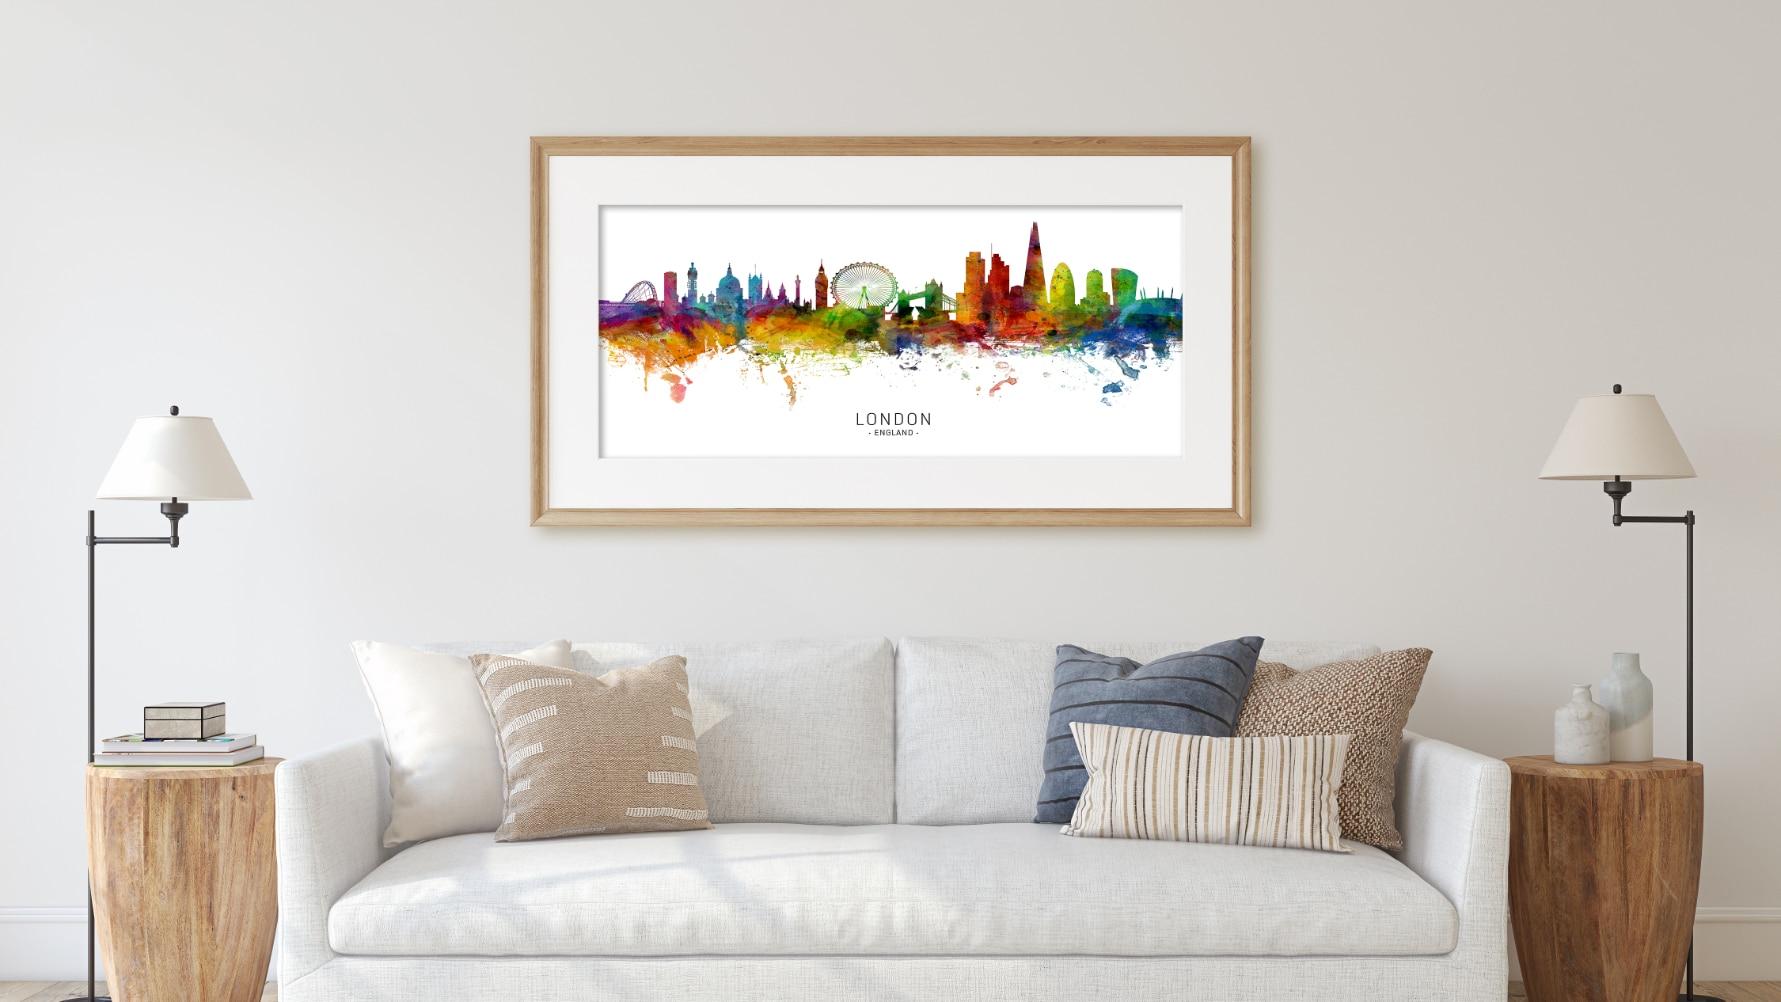 unique digital wall art canvas framed prints